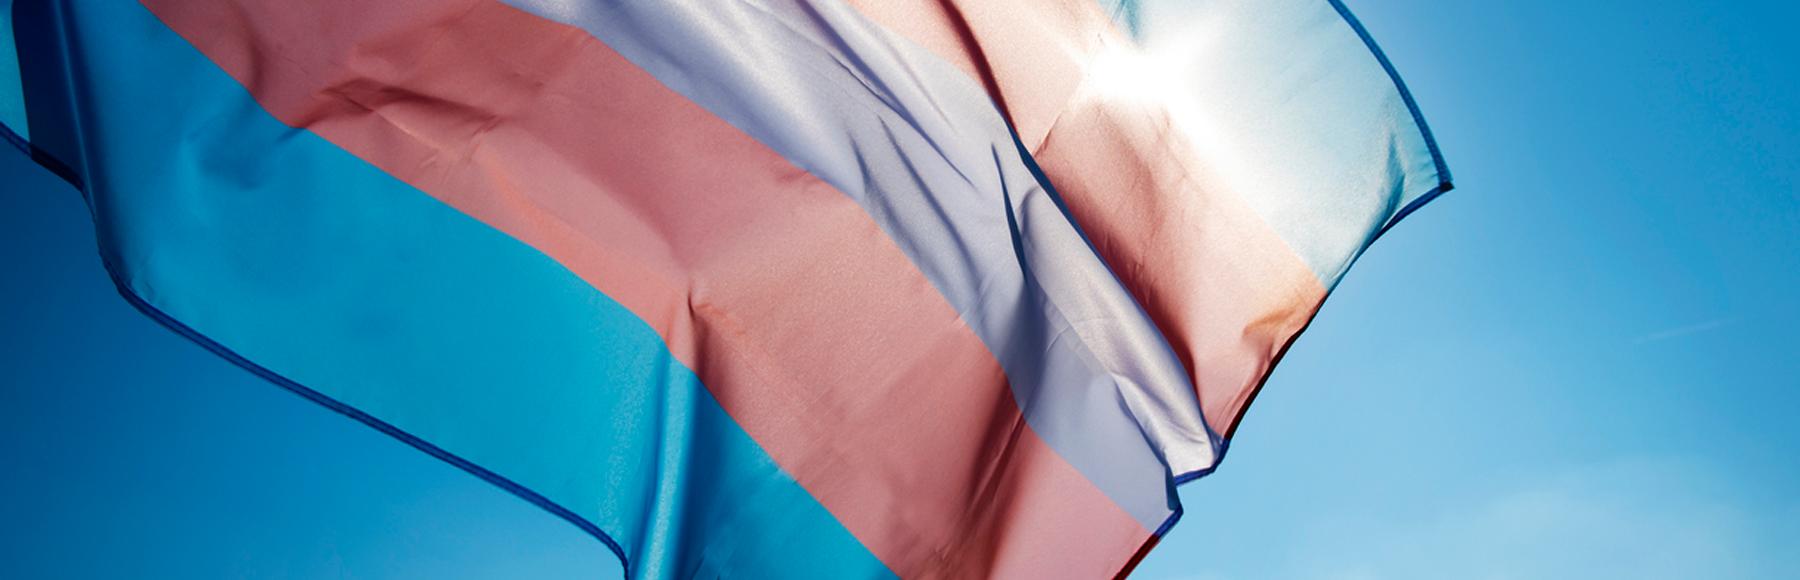 População trans ainda é a mais vulnerável aos impactos do estigma e da discriminação no Brasil